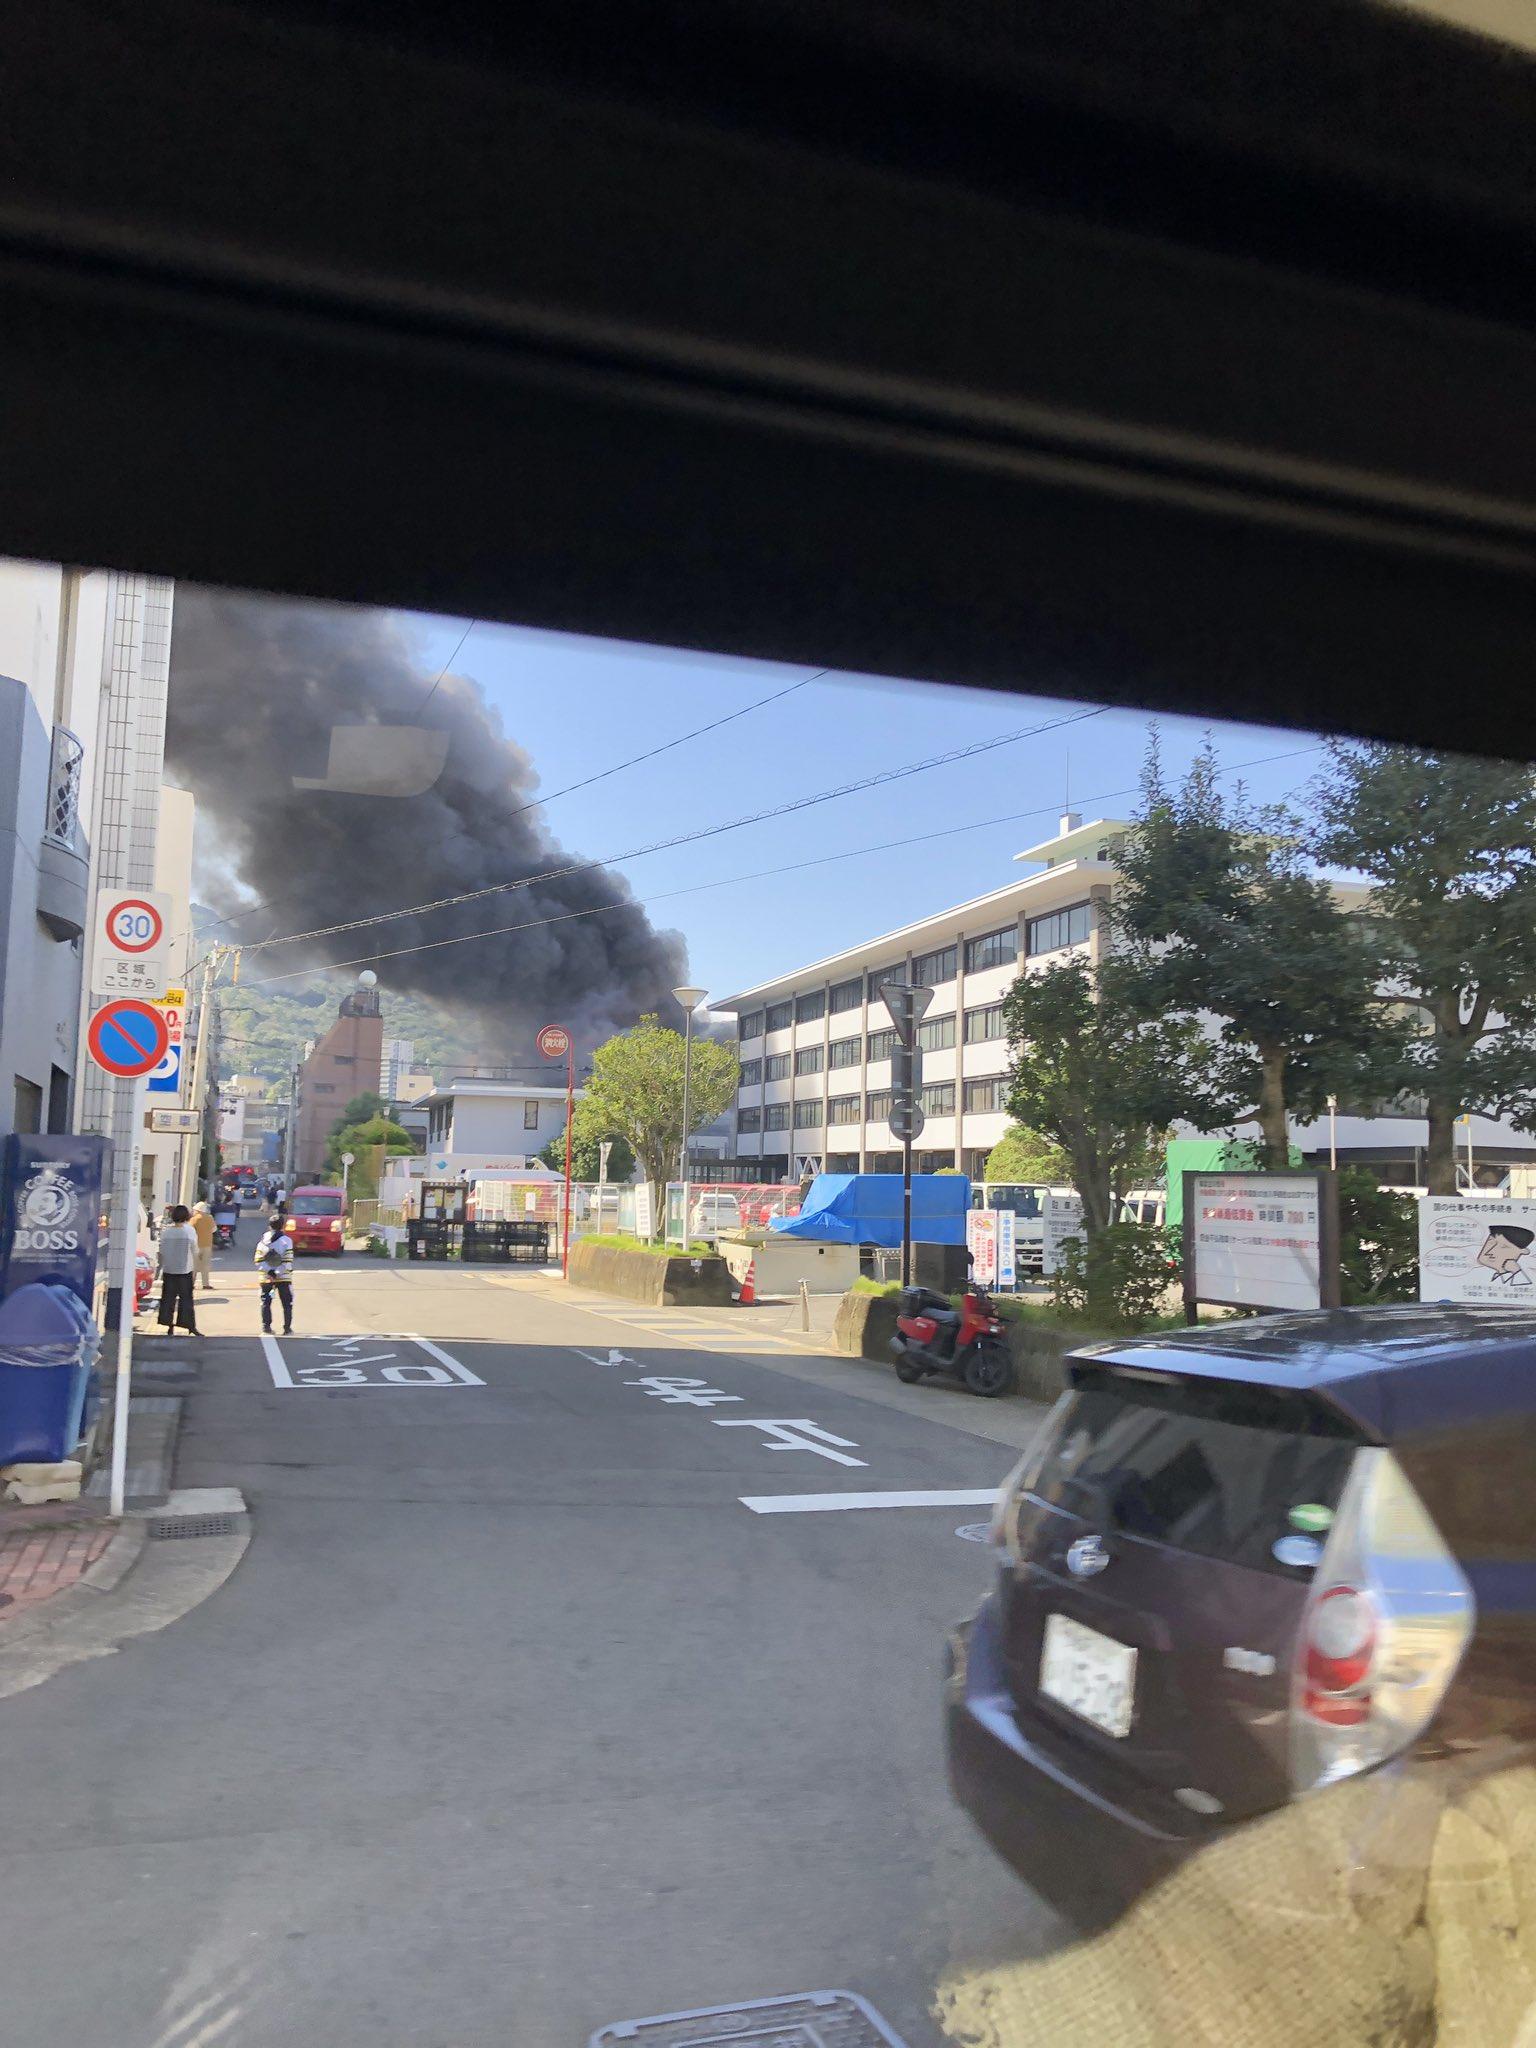 画像,「浦上まるみつ」か「ひぐち」か…。大火事です!風が強いので炎がやばいです💦近づかない方がいいです。渋滞にも気をつけてください。 https://t.co/U6c…